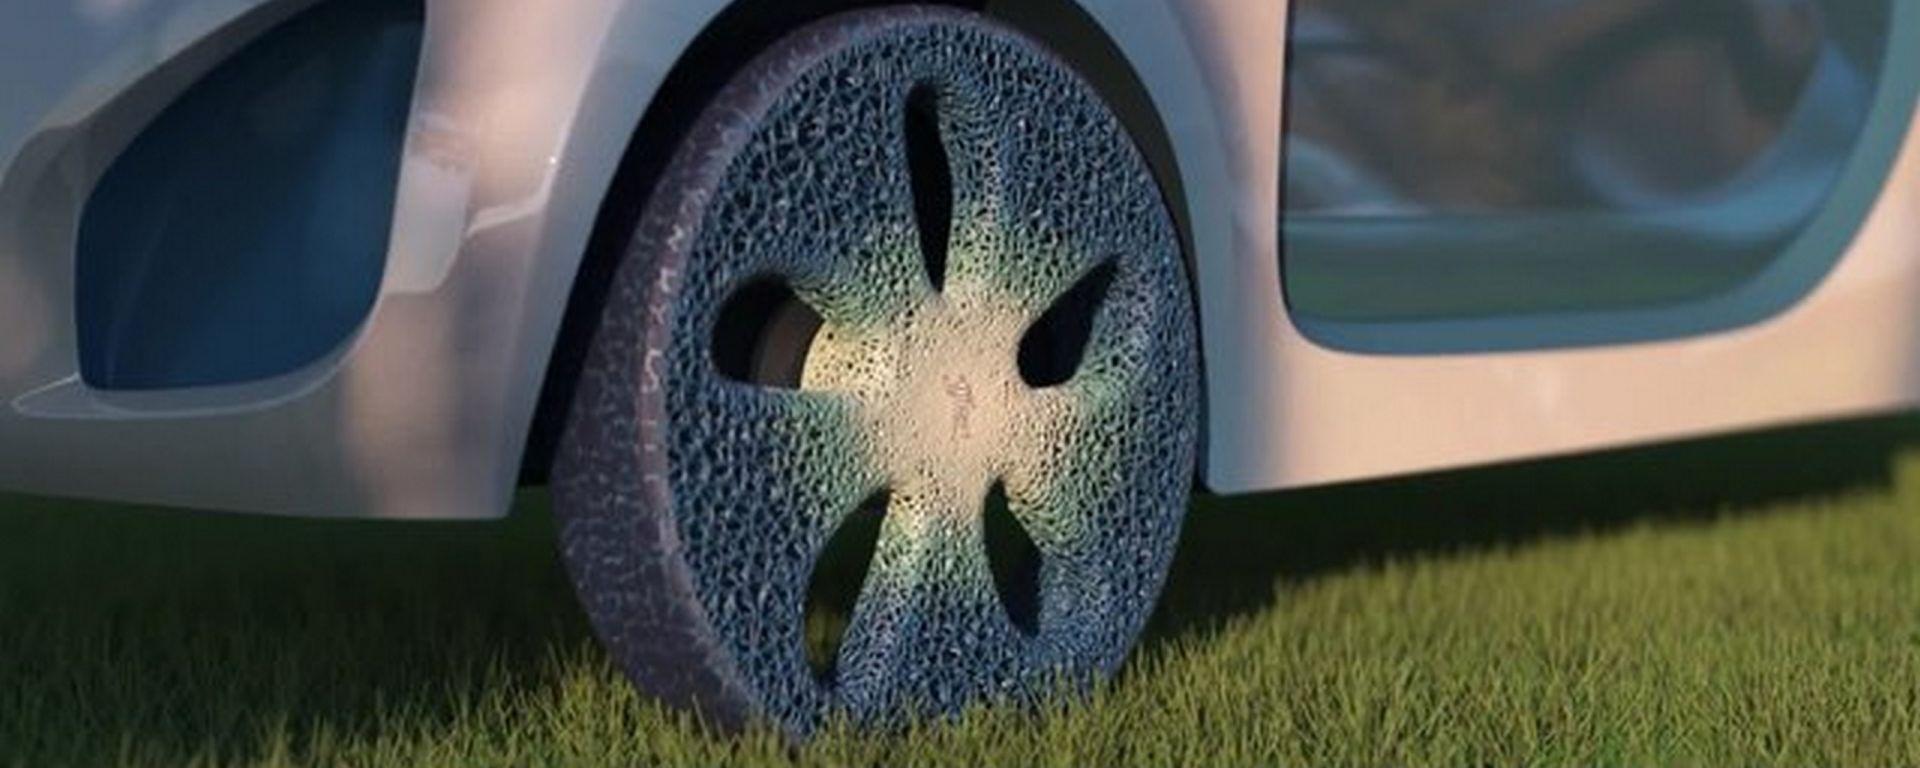 Michelin Visionary Concept: gli pneumatici del futuro